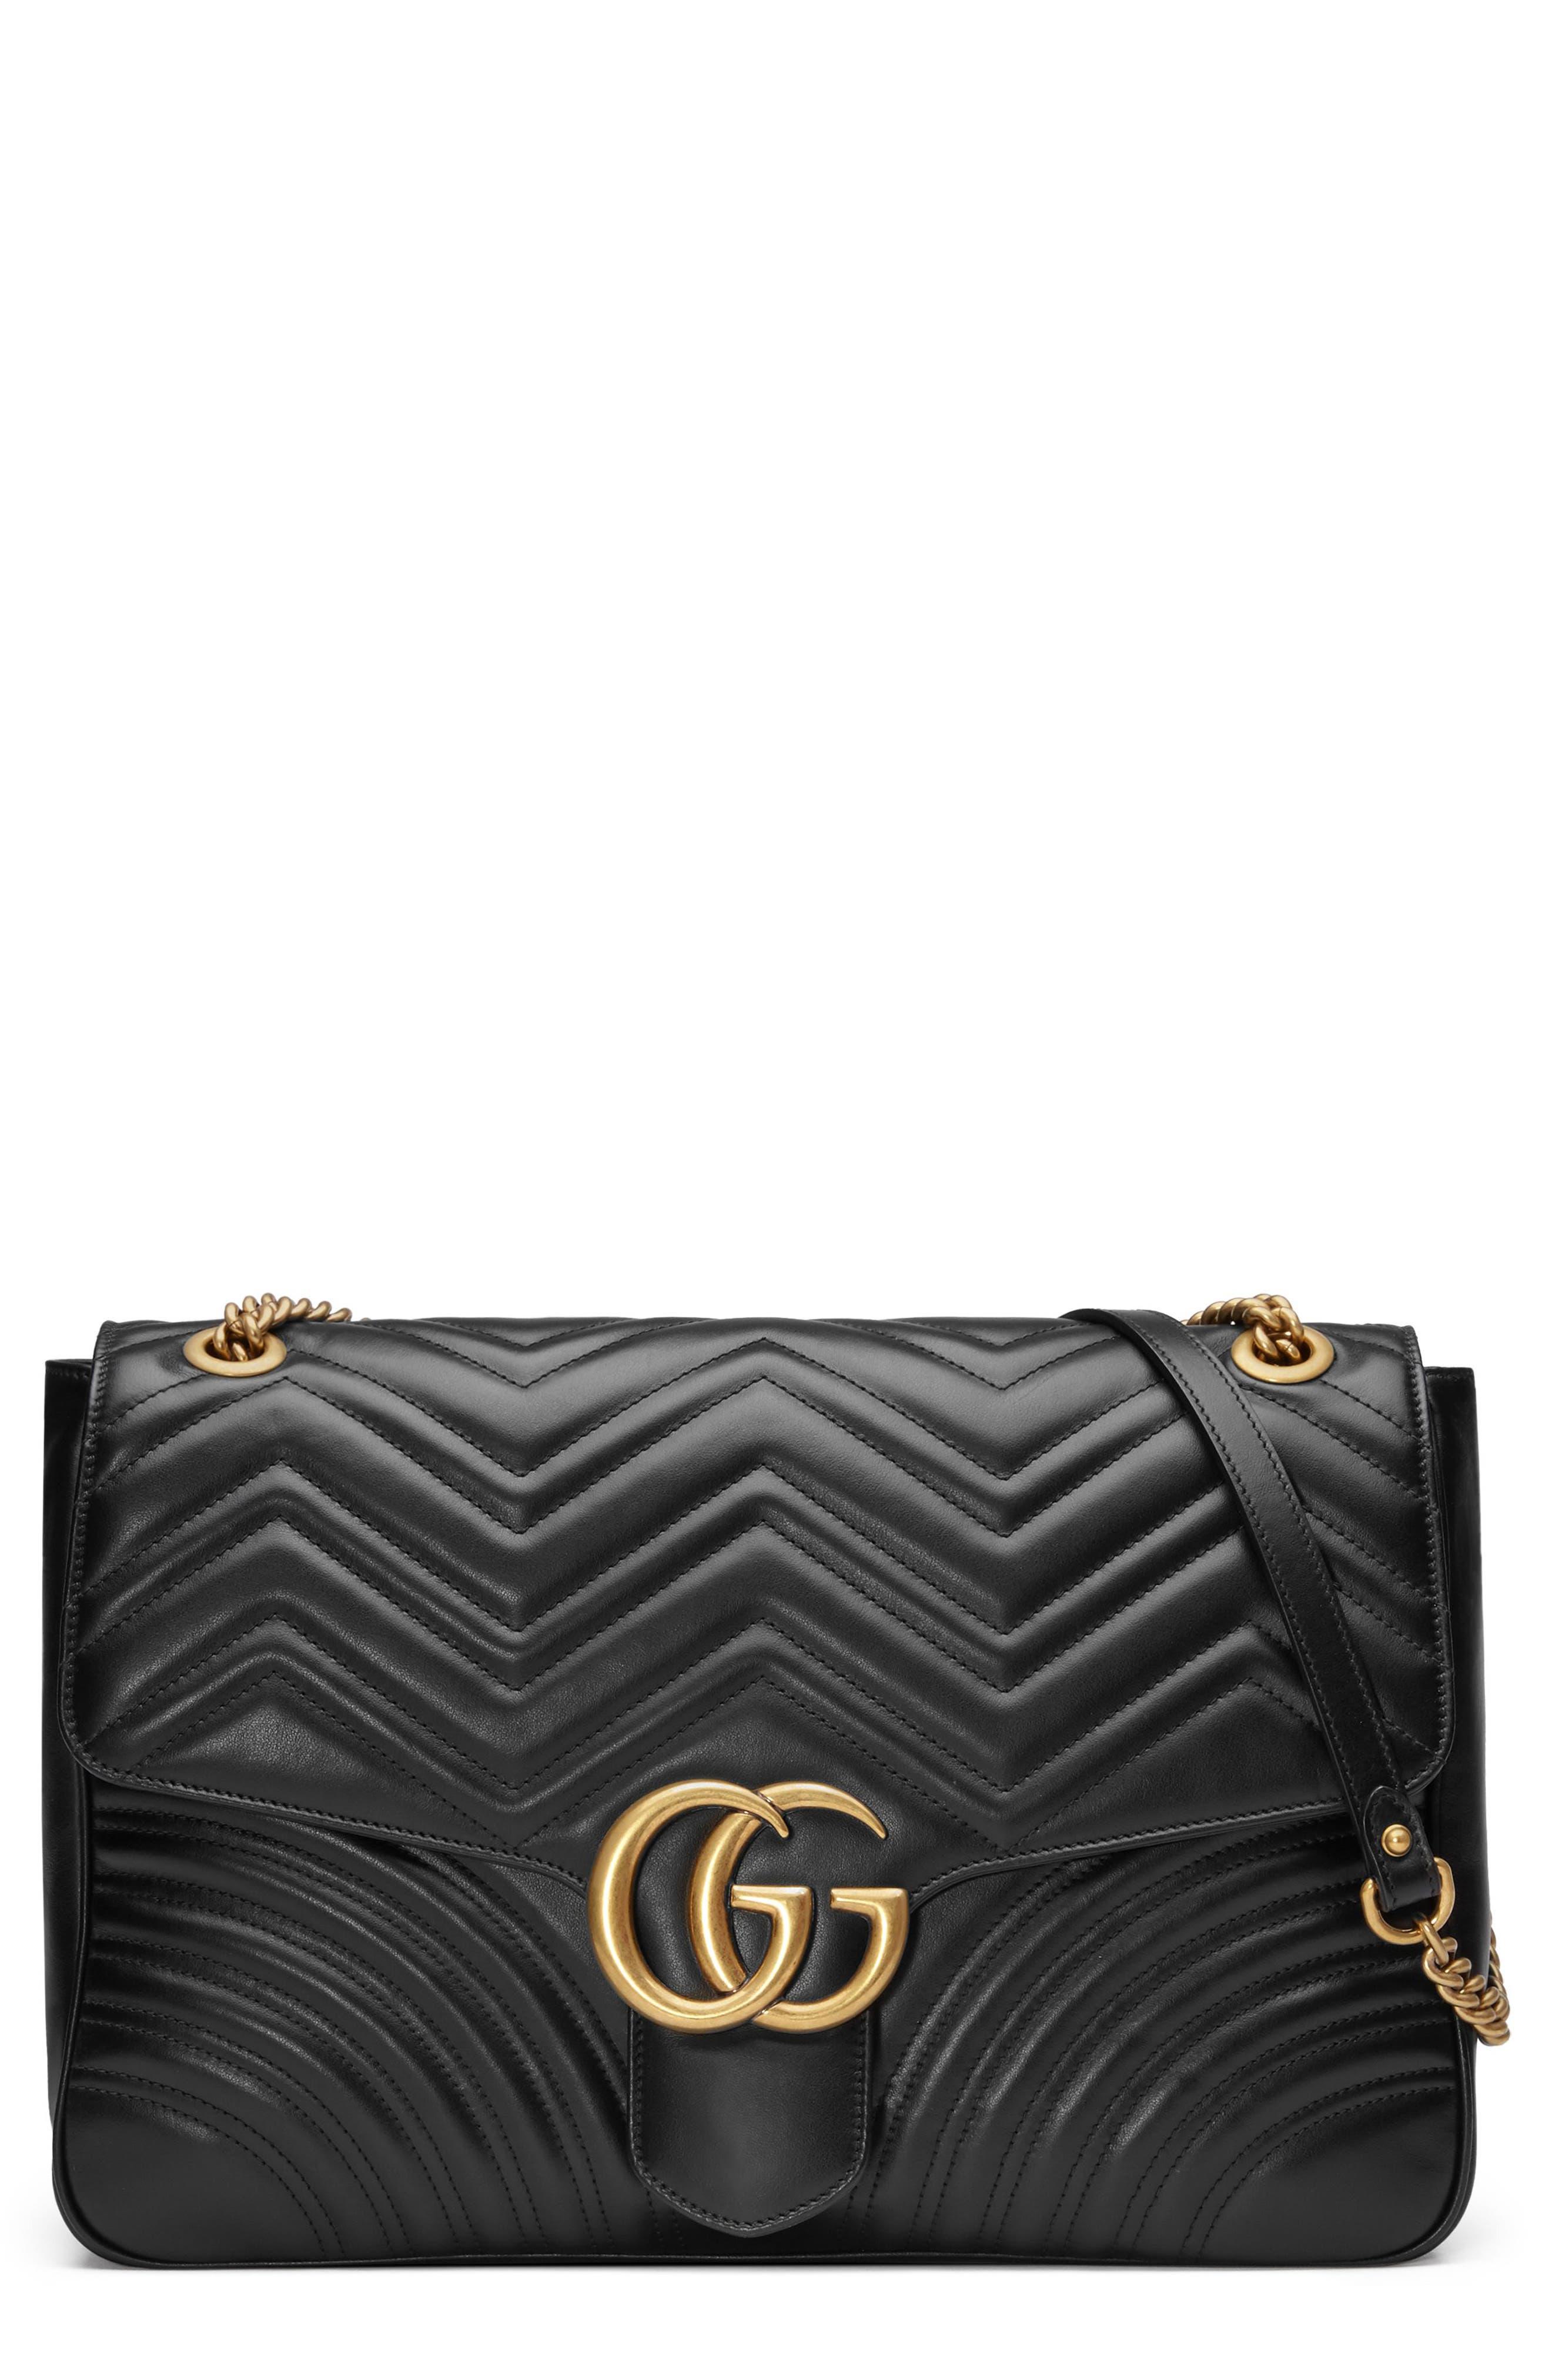 GUCCI, GG Large Marmont 2.0 Matelassé Leather Shoulder Bag, Main thumbnail 1, color, NERO